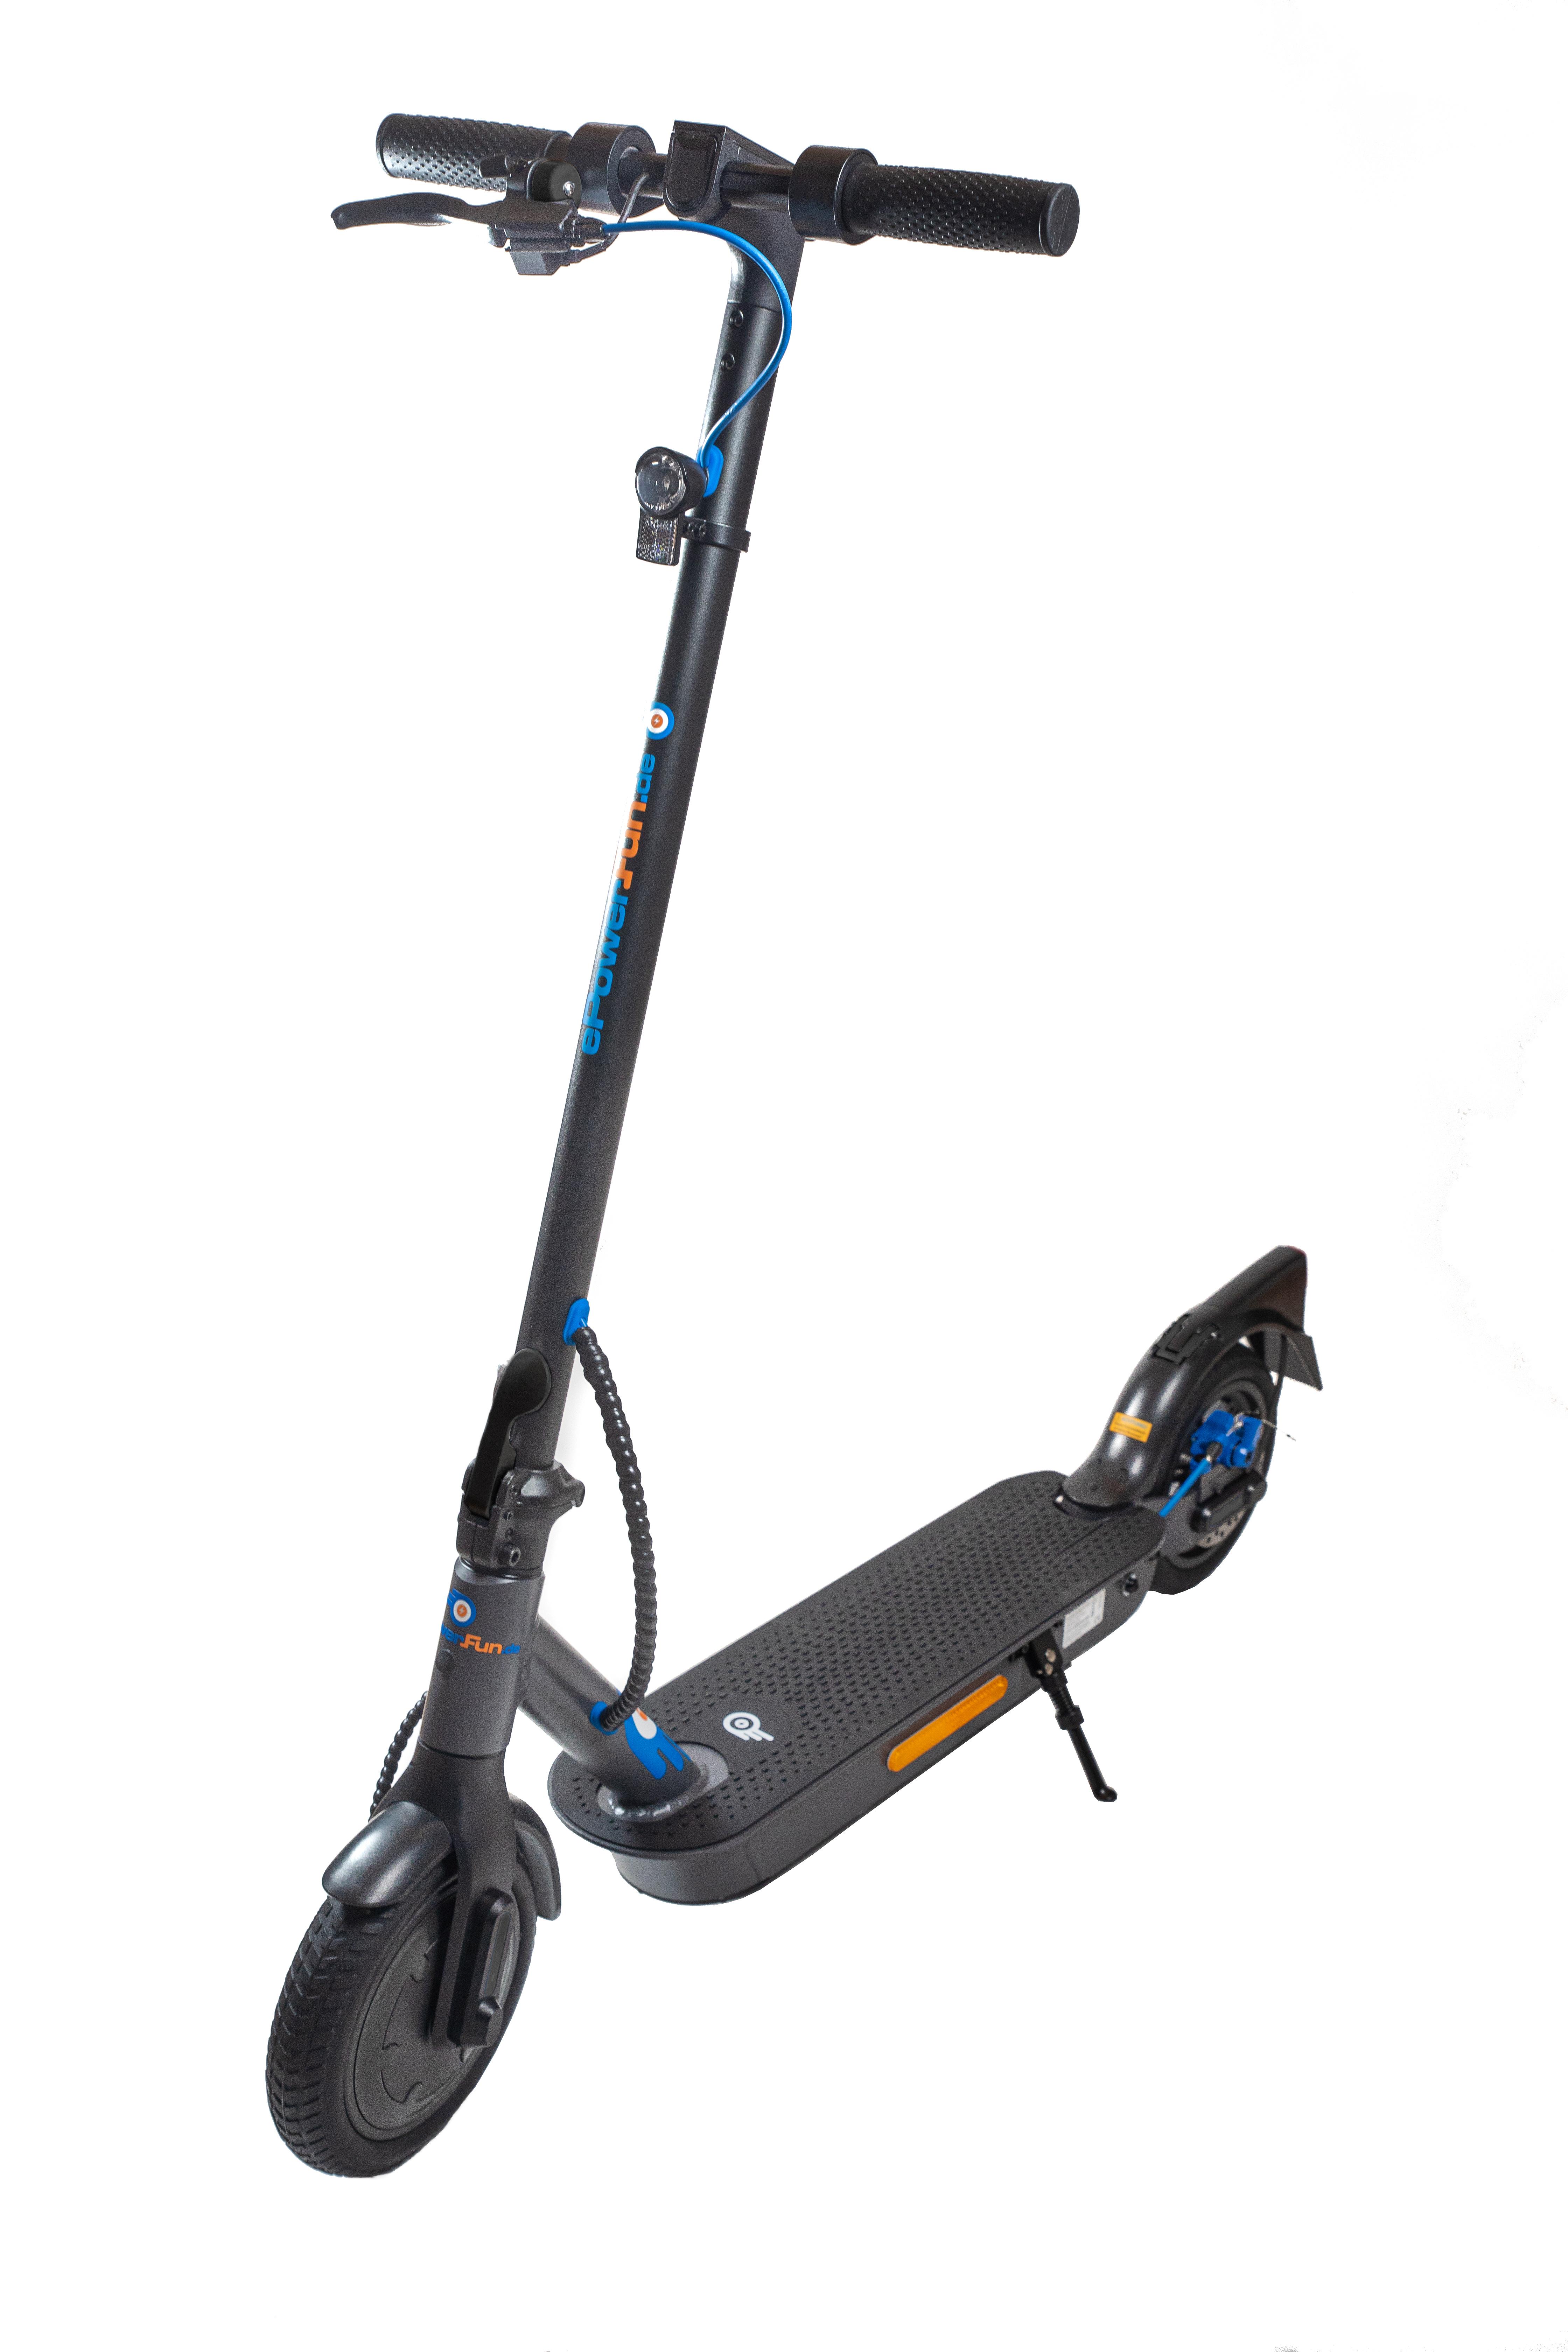 Vorbestellung - e-Scooter ePF-1 mit Straßenzulassung (ABE¹)! Lieferung bis 30.11.